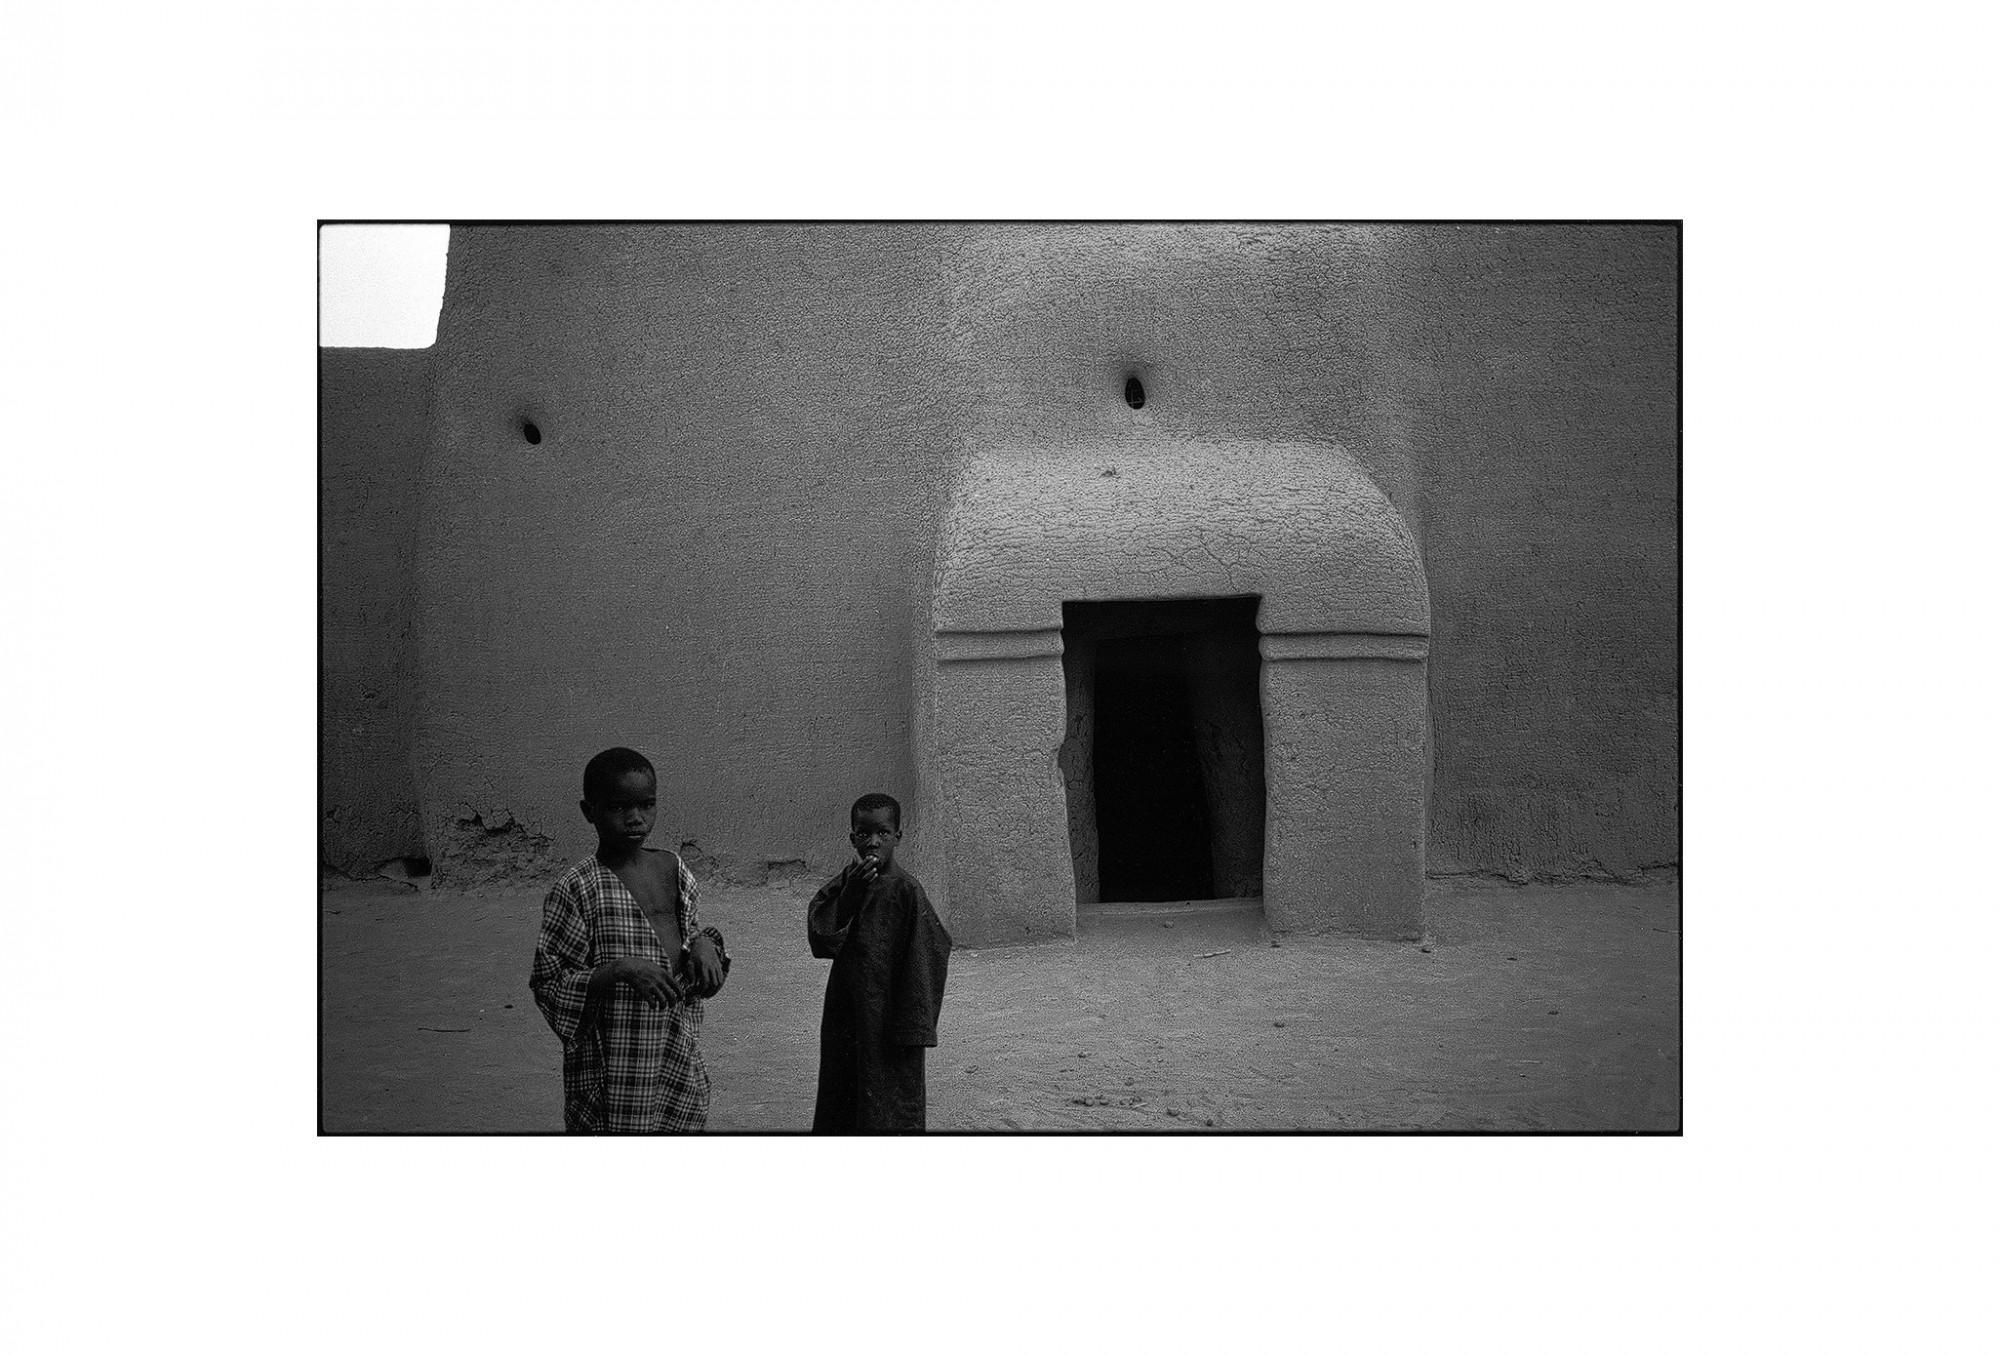 Afbeelding: Fotografie - Art, uit de reeks : De kleur van zwart. Mali, 98-13-35, © Dominique Van Huffel.